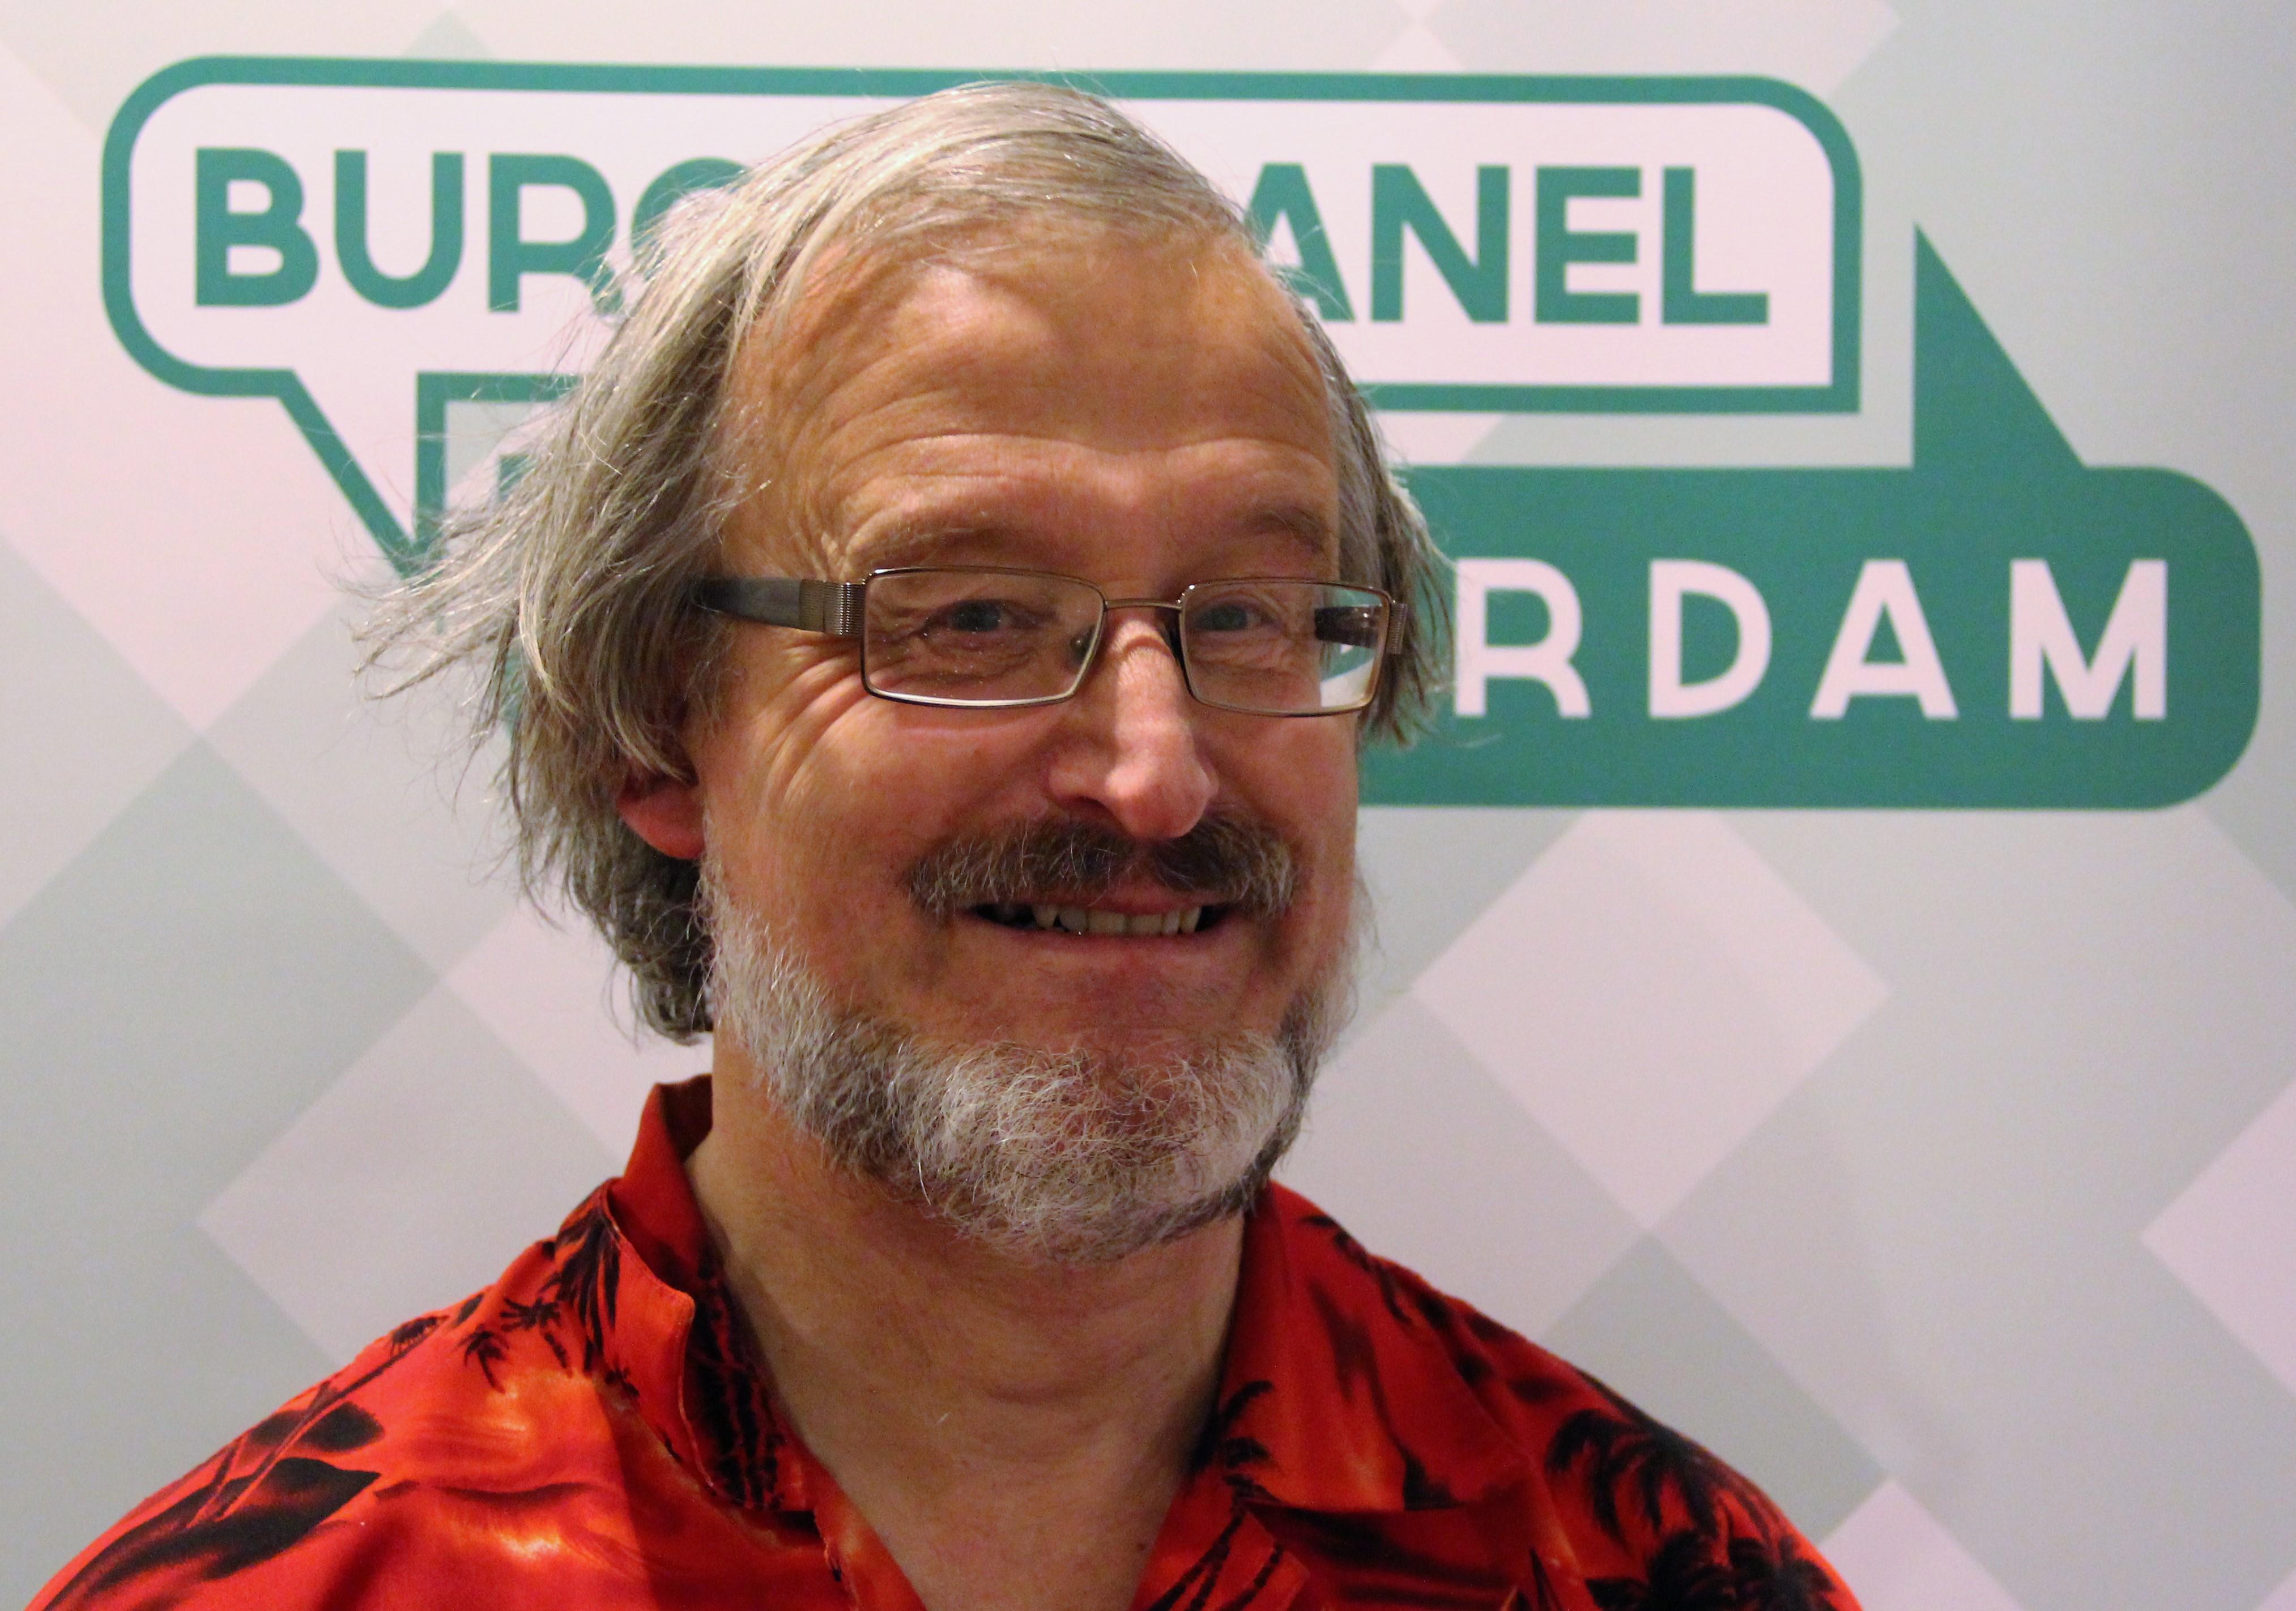 Bernard Seldenrath